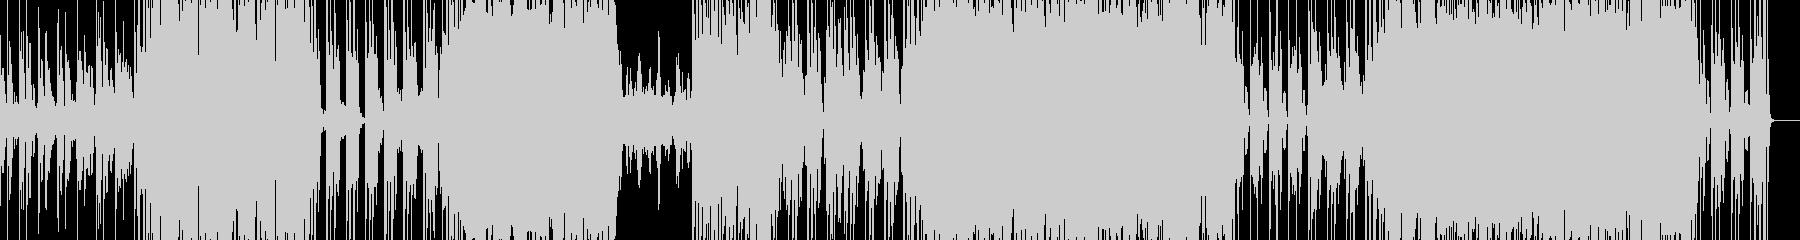 爽やかな海辺を表現したギターシンポップの未再生の波形